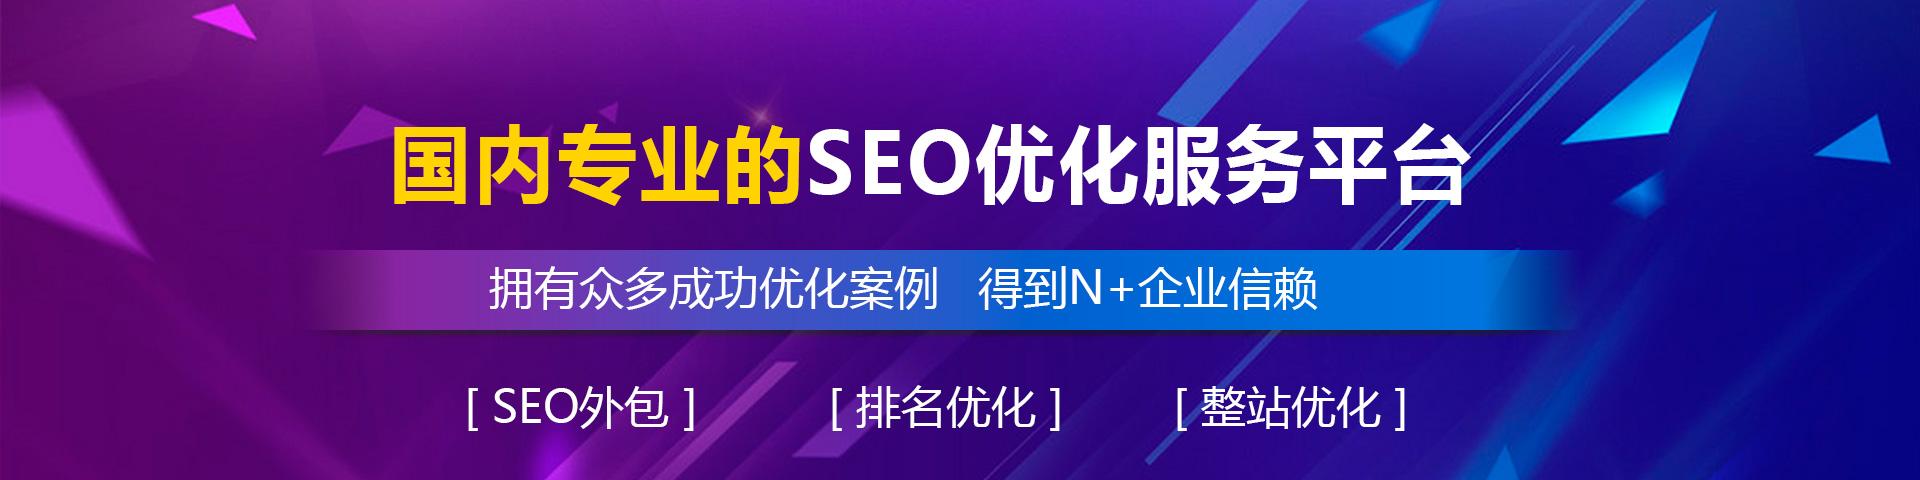 国内专业的,SEO优化SAAS服务平台,拥有专业的优化团队,拥有众多成功优化案例,得到众多客户的信赖。